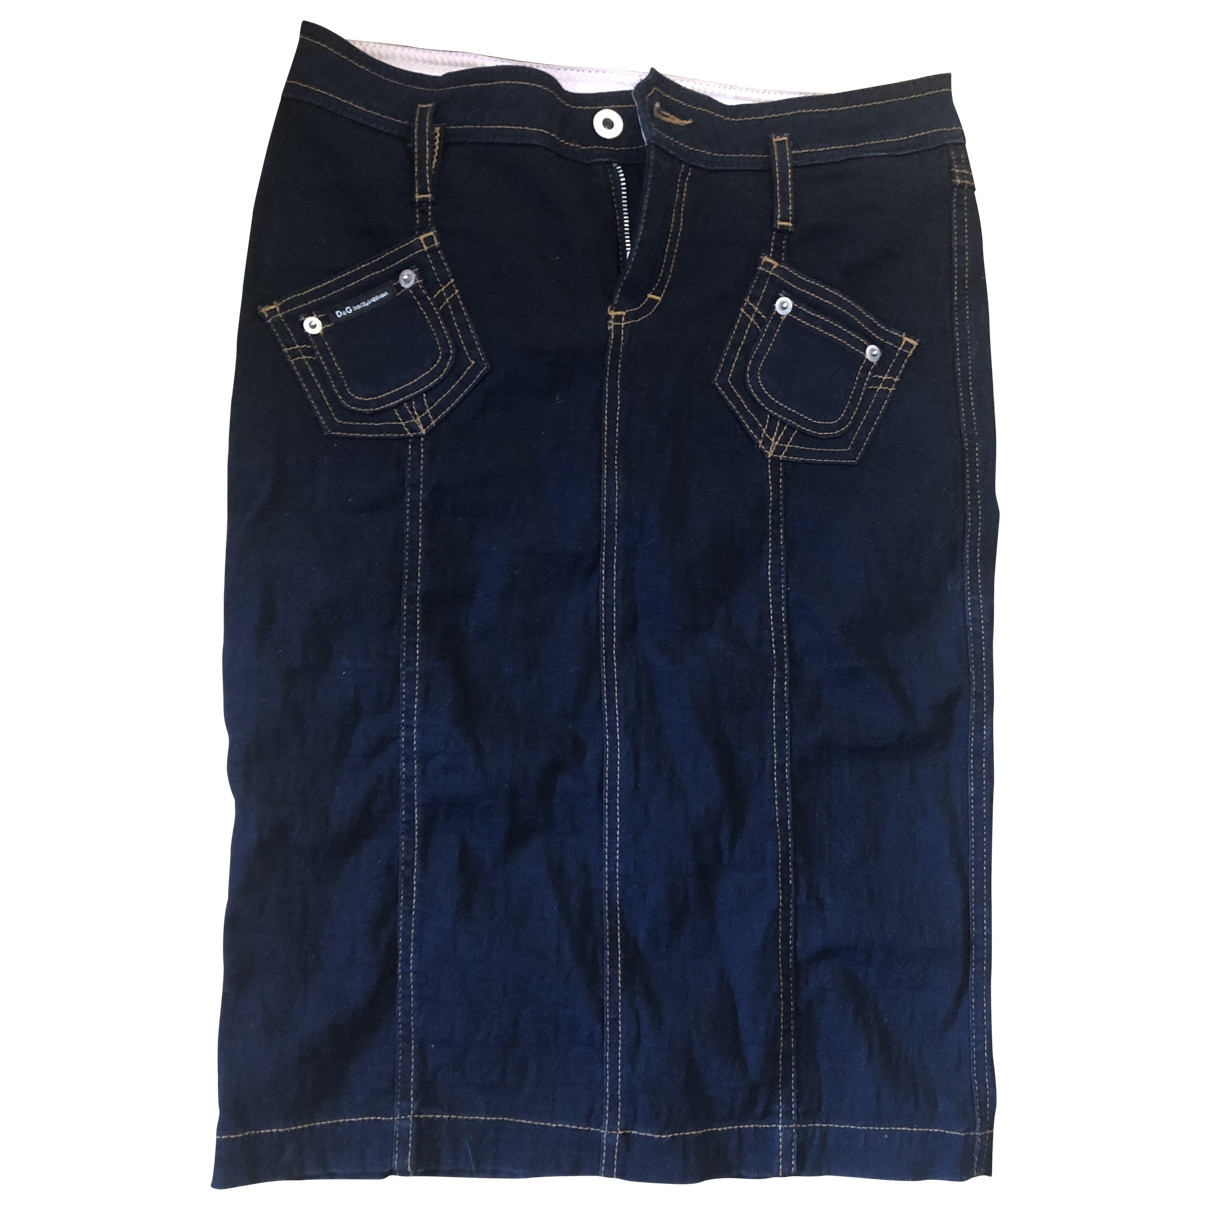 D&g - Jupe   pour femme en denim - bleu